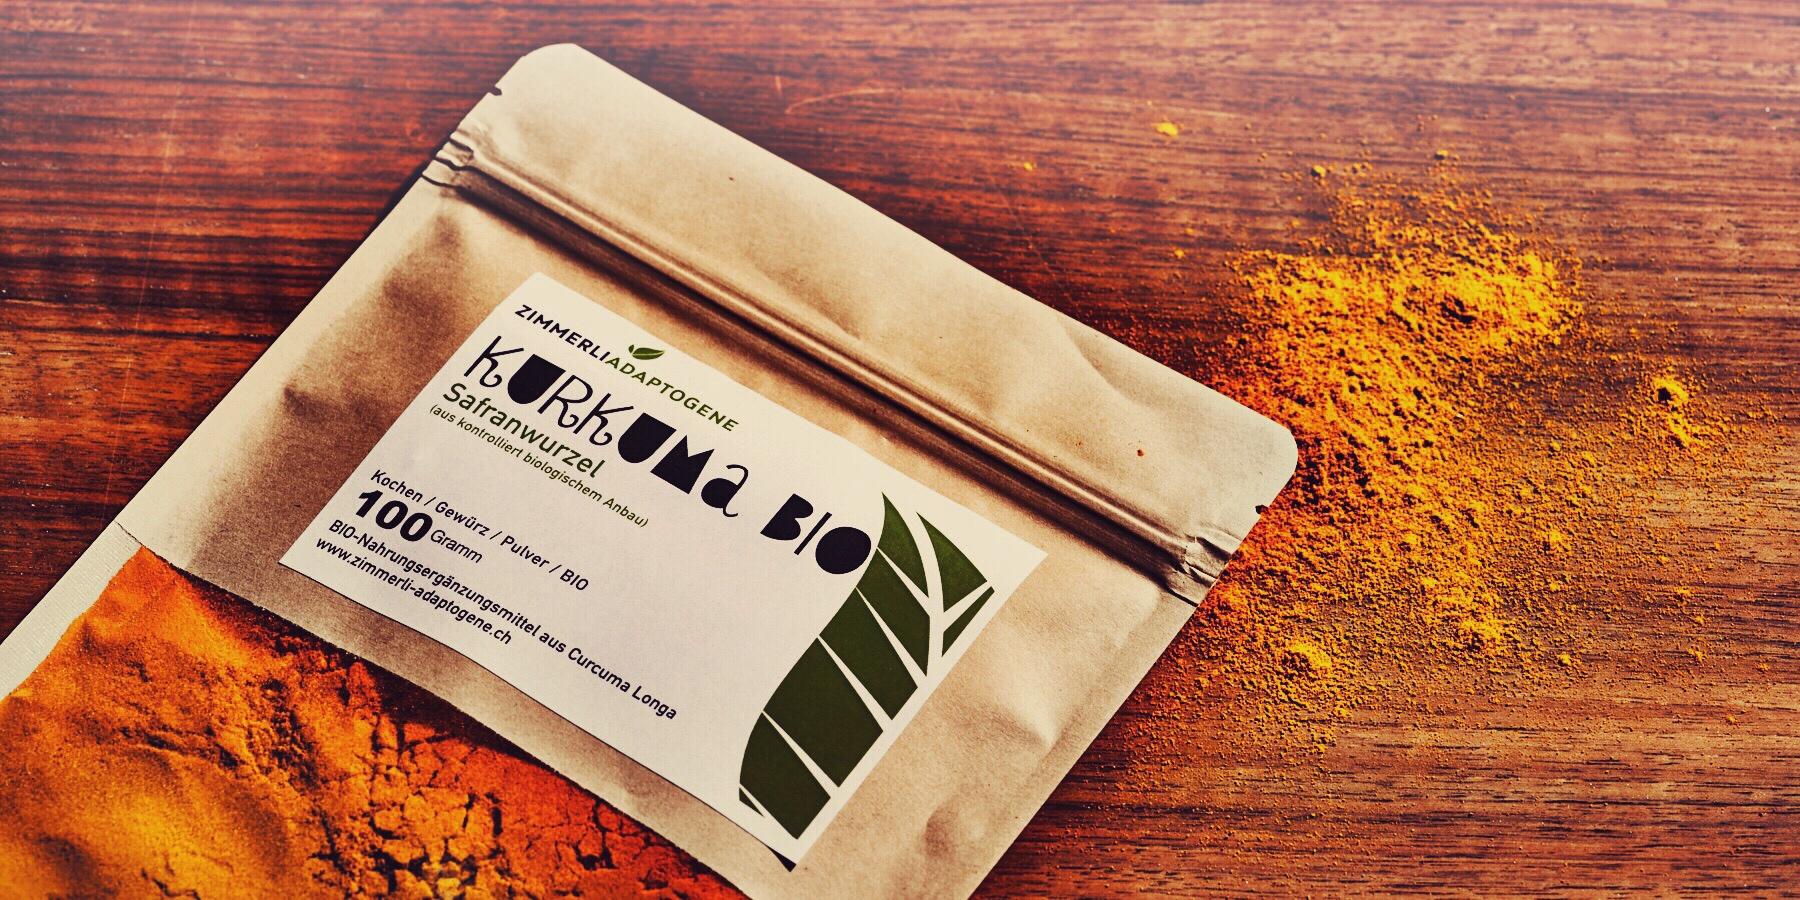 Kurkuma ökologisch verpackt